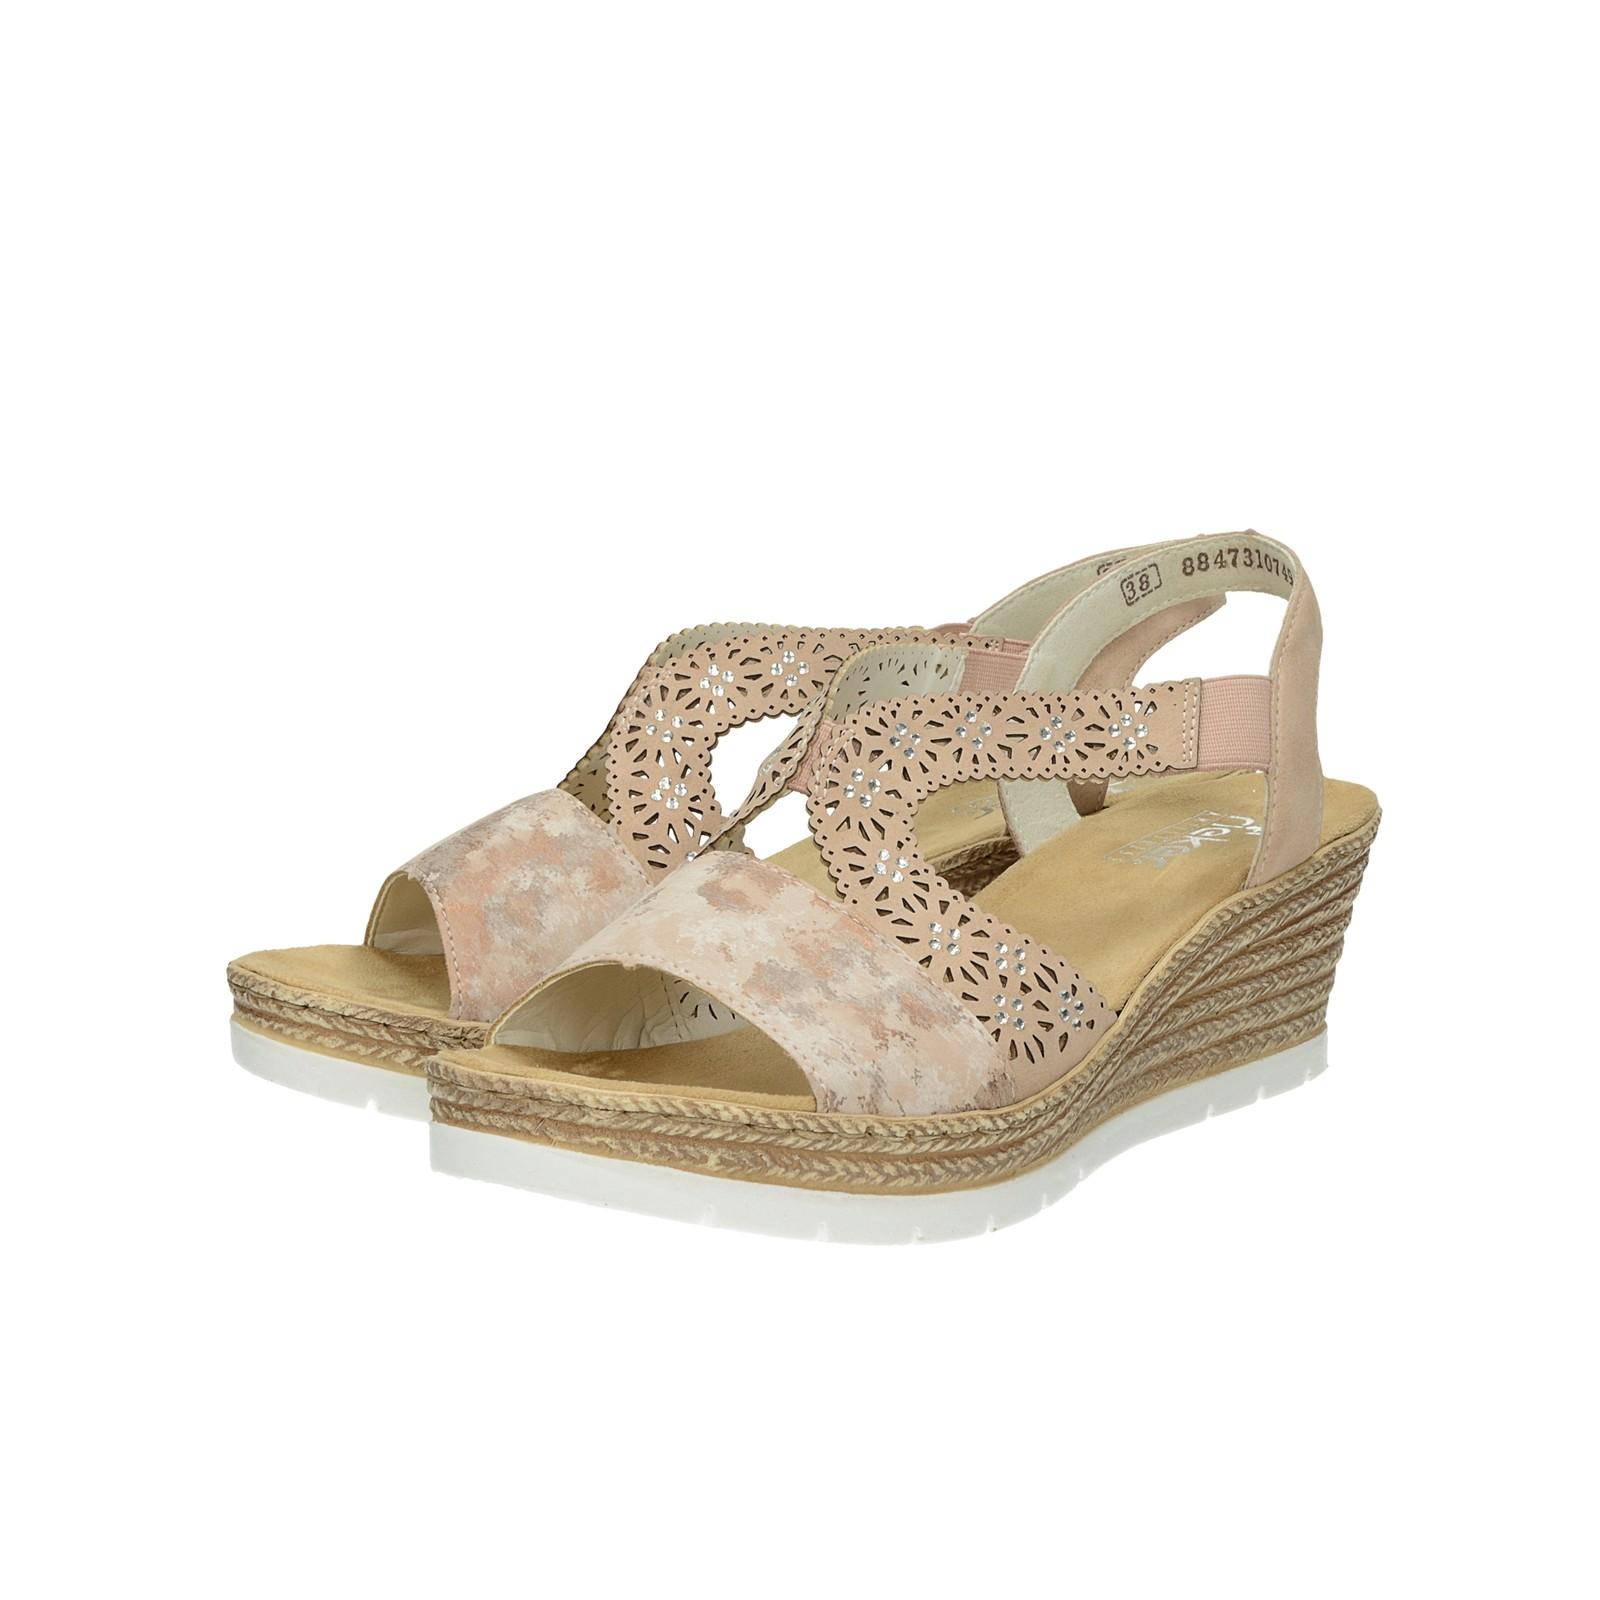 1cec8926a79e4 Rieker dámske štýlové sandále na klinovej podrážke - ružové ...